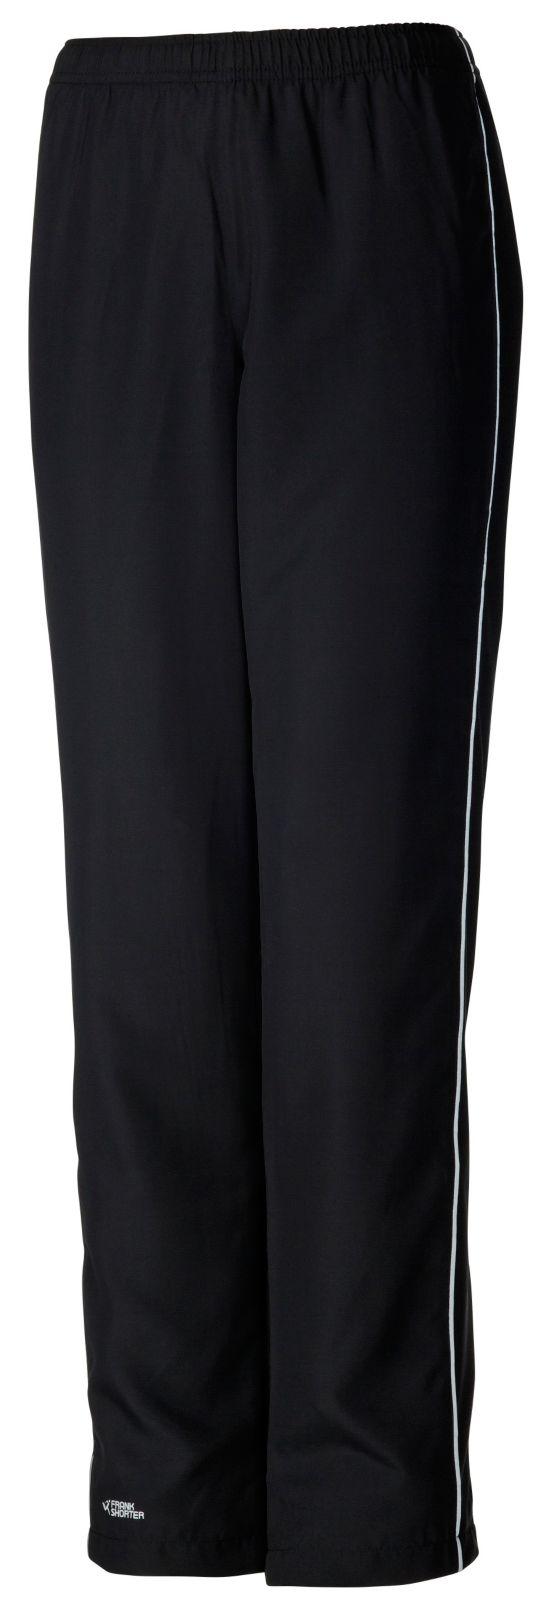 Prue II bukse wms  BLACK